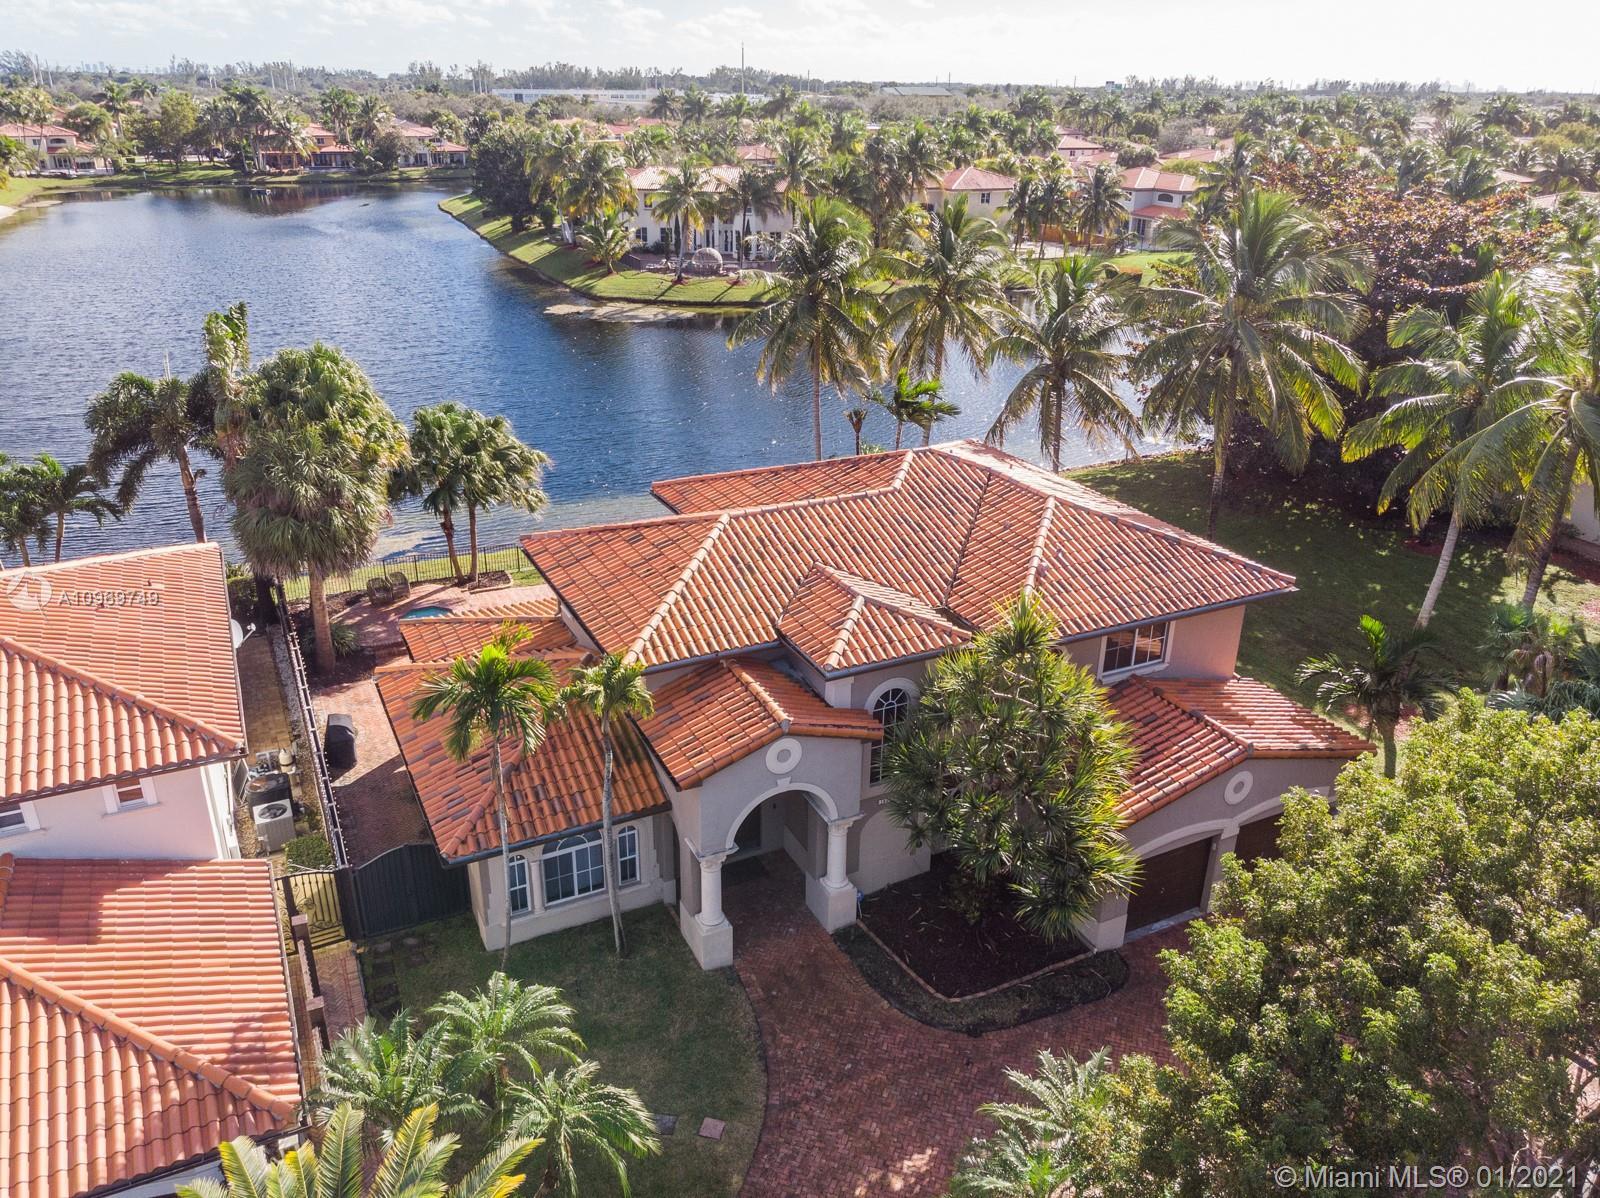 Miami Lakes - 16035 NW 81st Ct, Miami Lakes, FL 33016